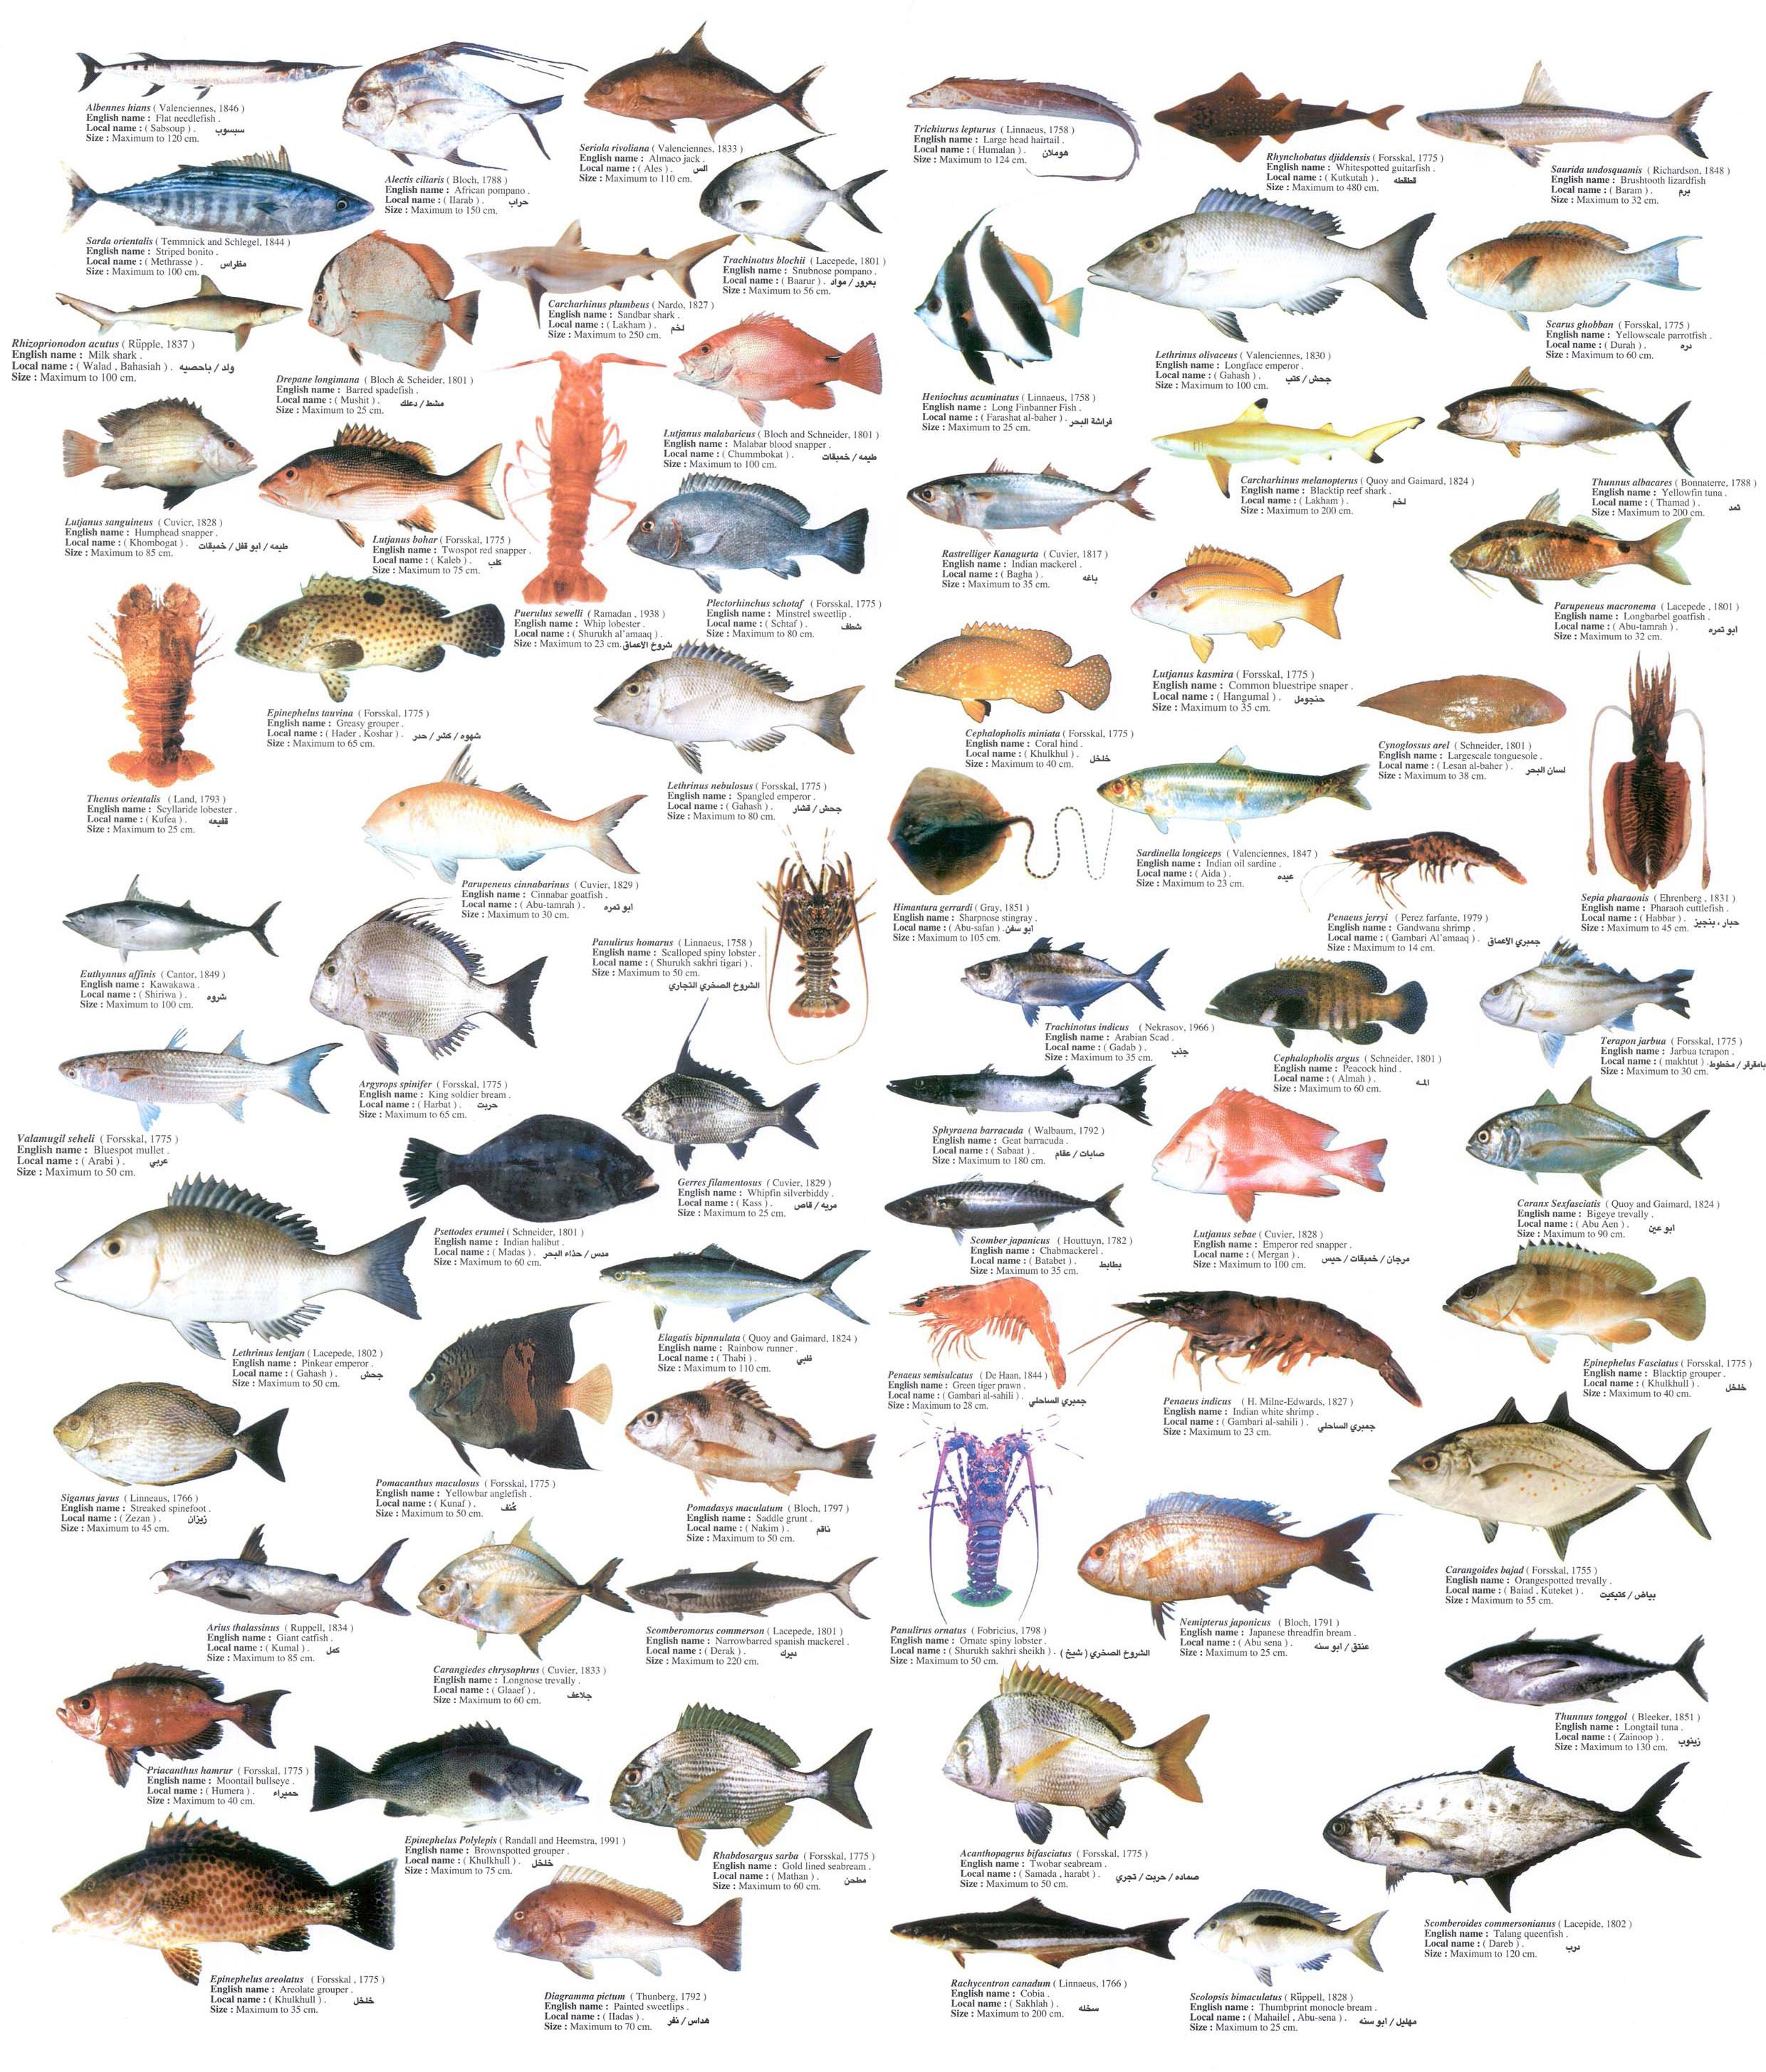 съедобные морские рыбы картинки планете осталось так